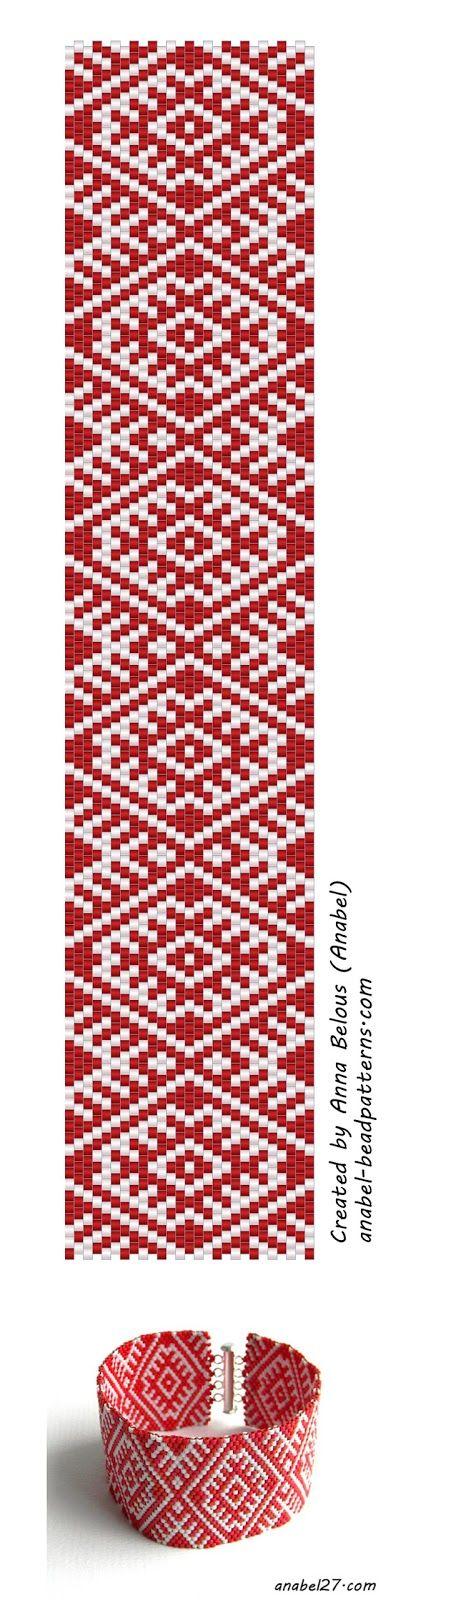 scheme for beading free peyote patterns Mosaic